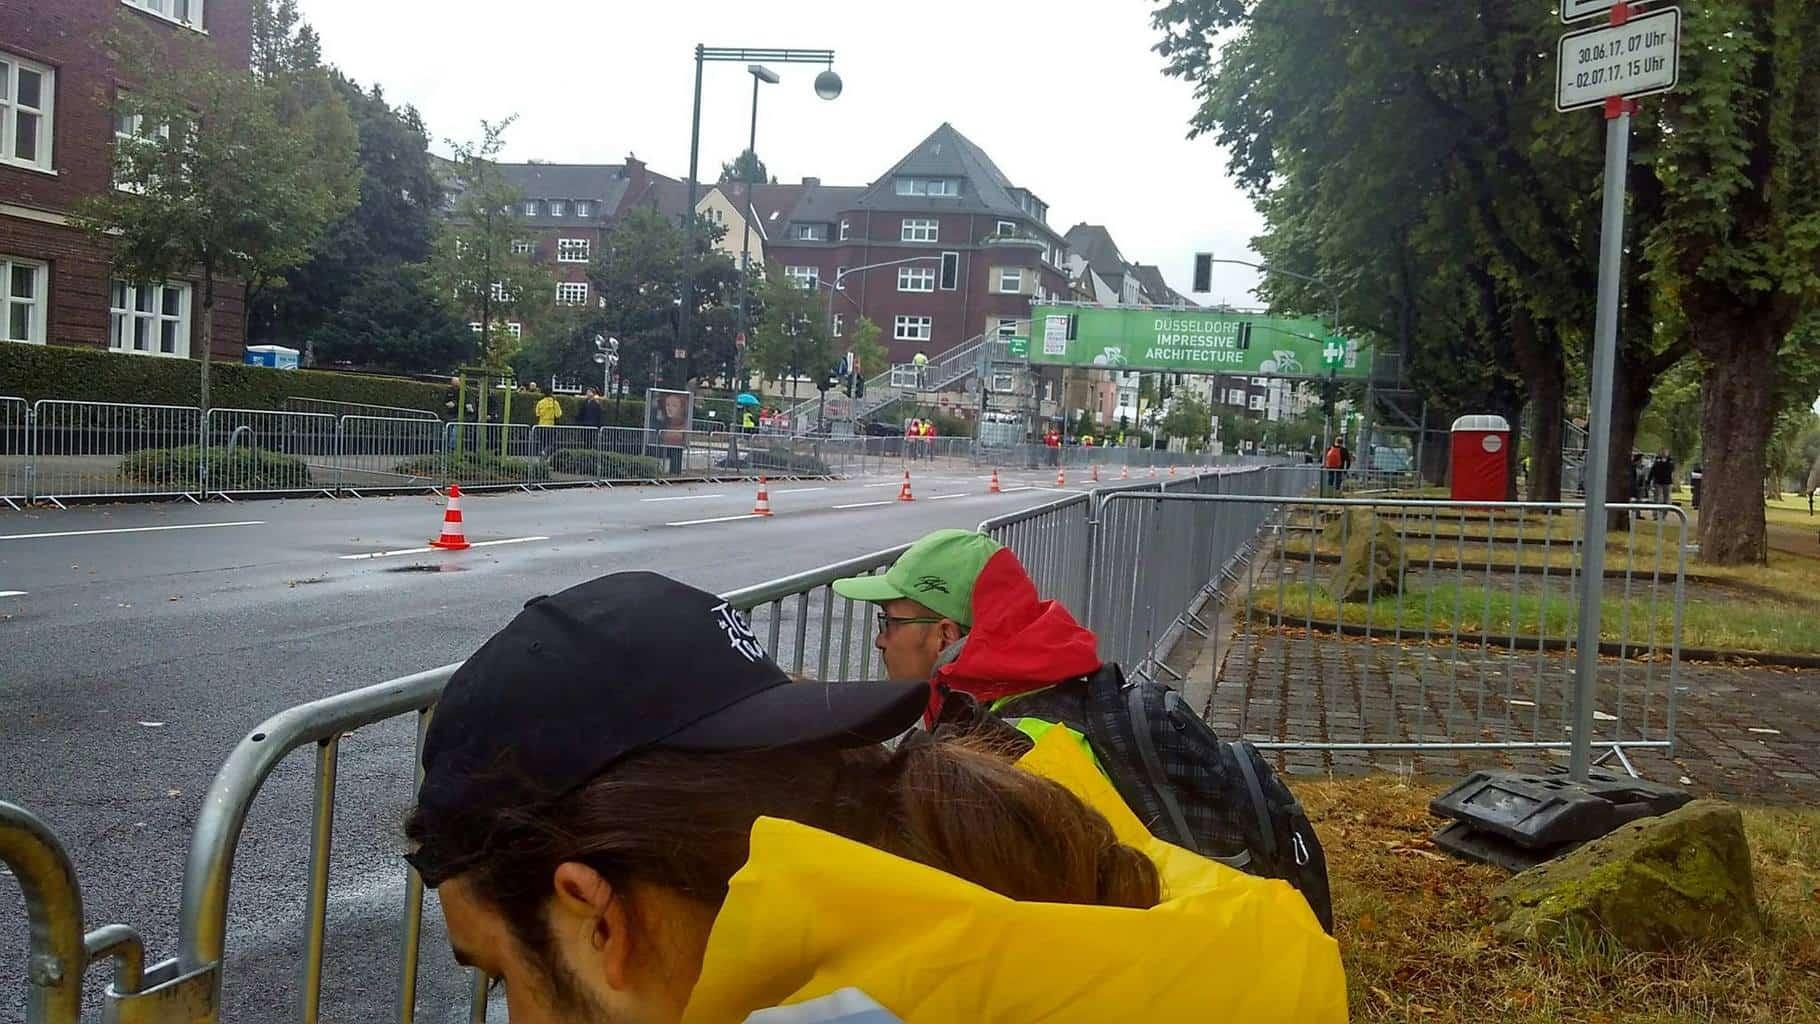 Düsseldorf jsme na místě 1. etapa Tour de France 2017